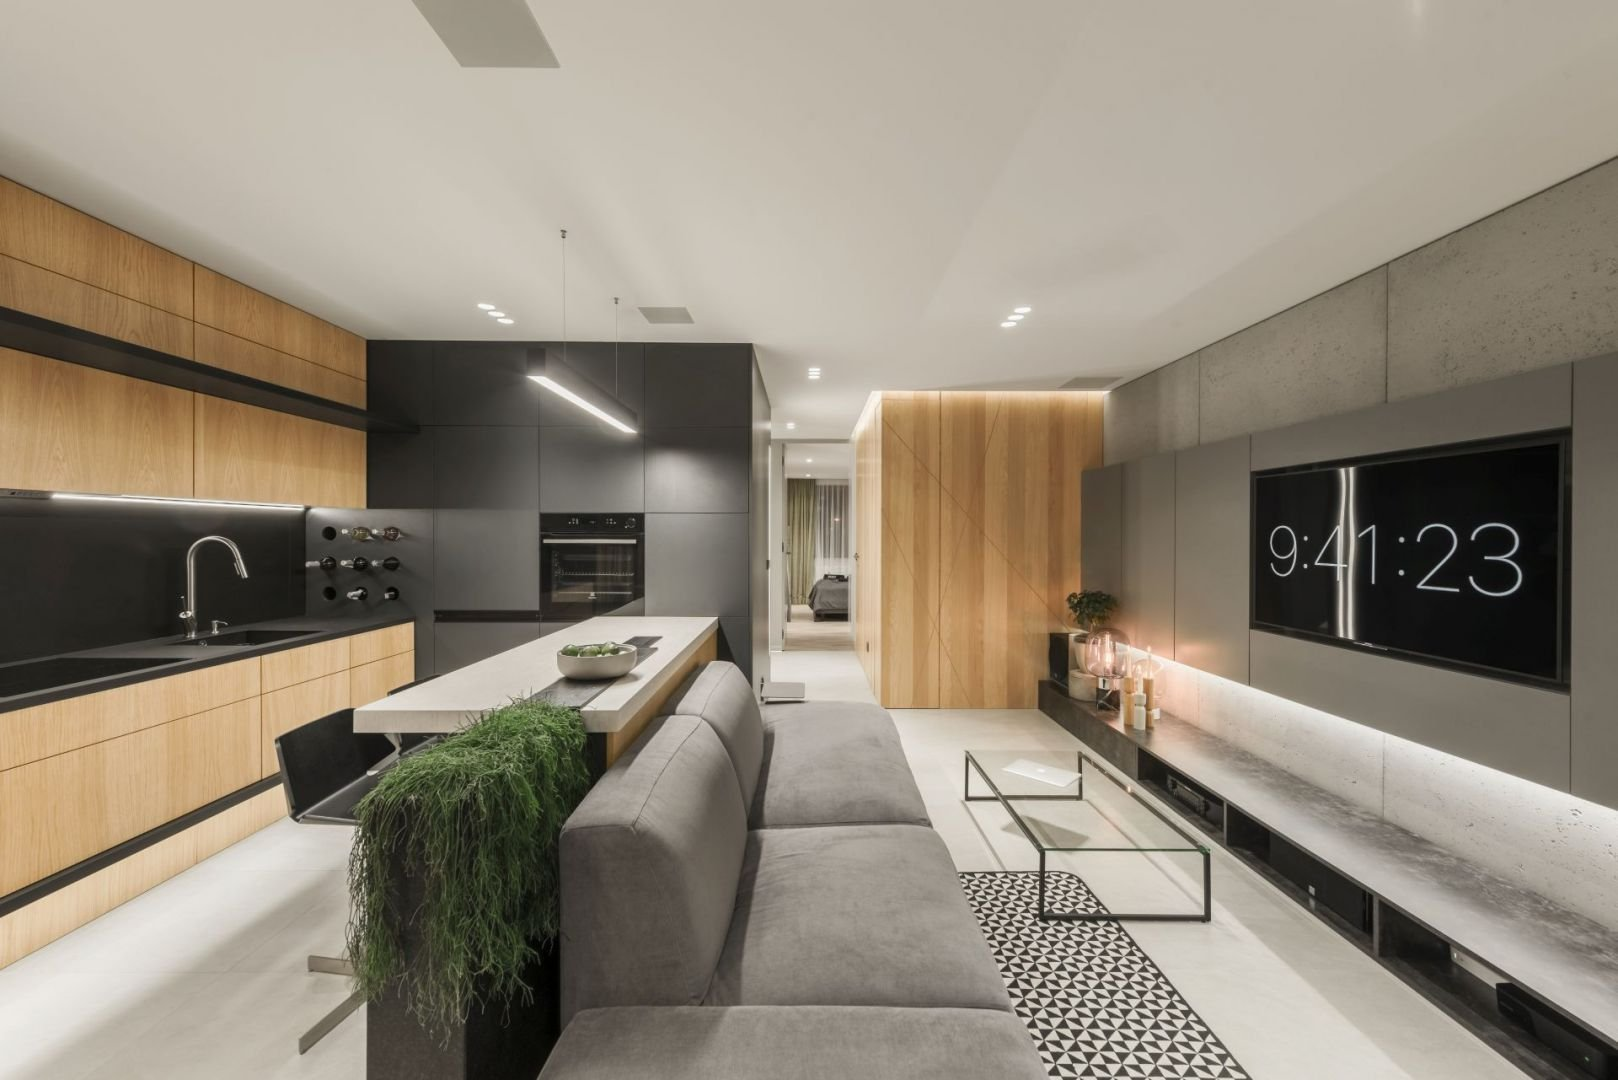 Vkusnost, přesnost, příroda a harmonie. To jsou hlavní rysy tohoto krásného interiéru. Stylové a minimalistické řešení zaručuje funkčnost, nadčasovost, ale i působivý design. Každý nejmenší prvek tohoto bytu se dokonale hodí ke zbytku.